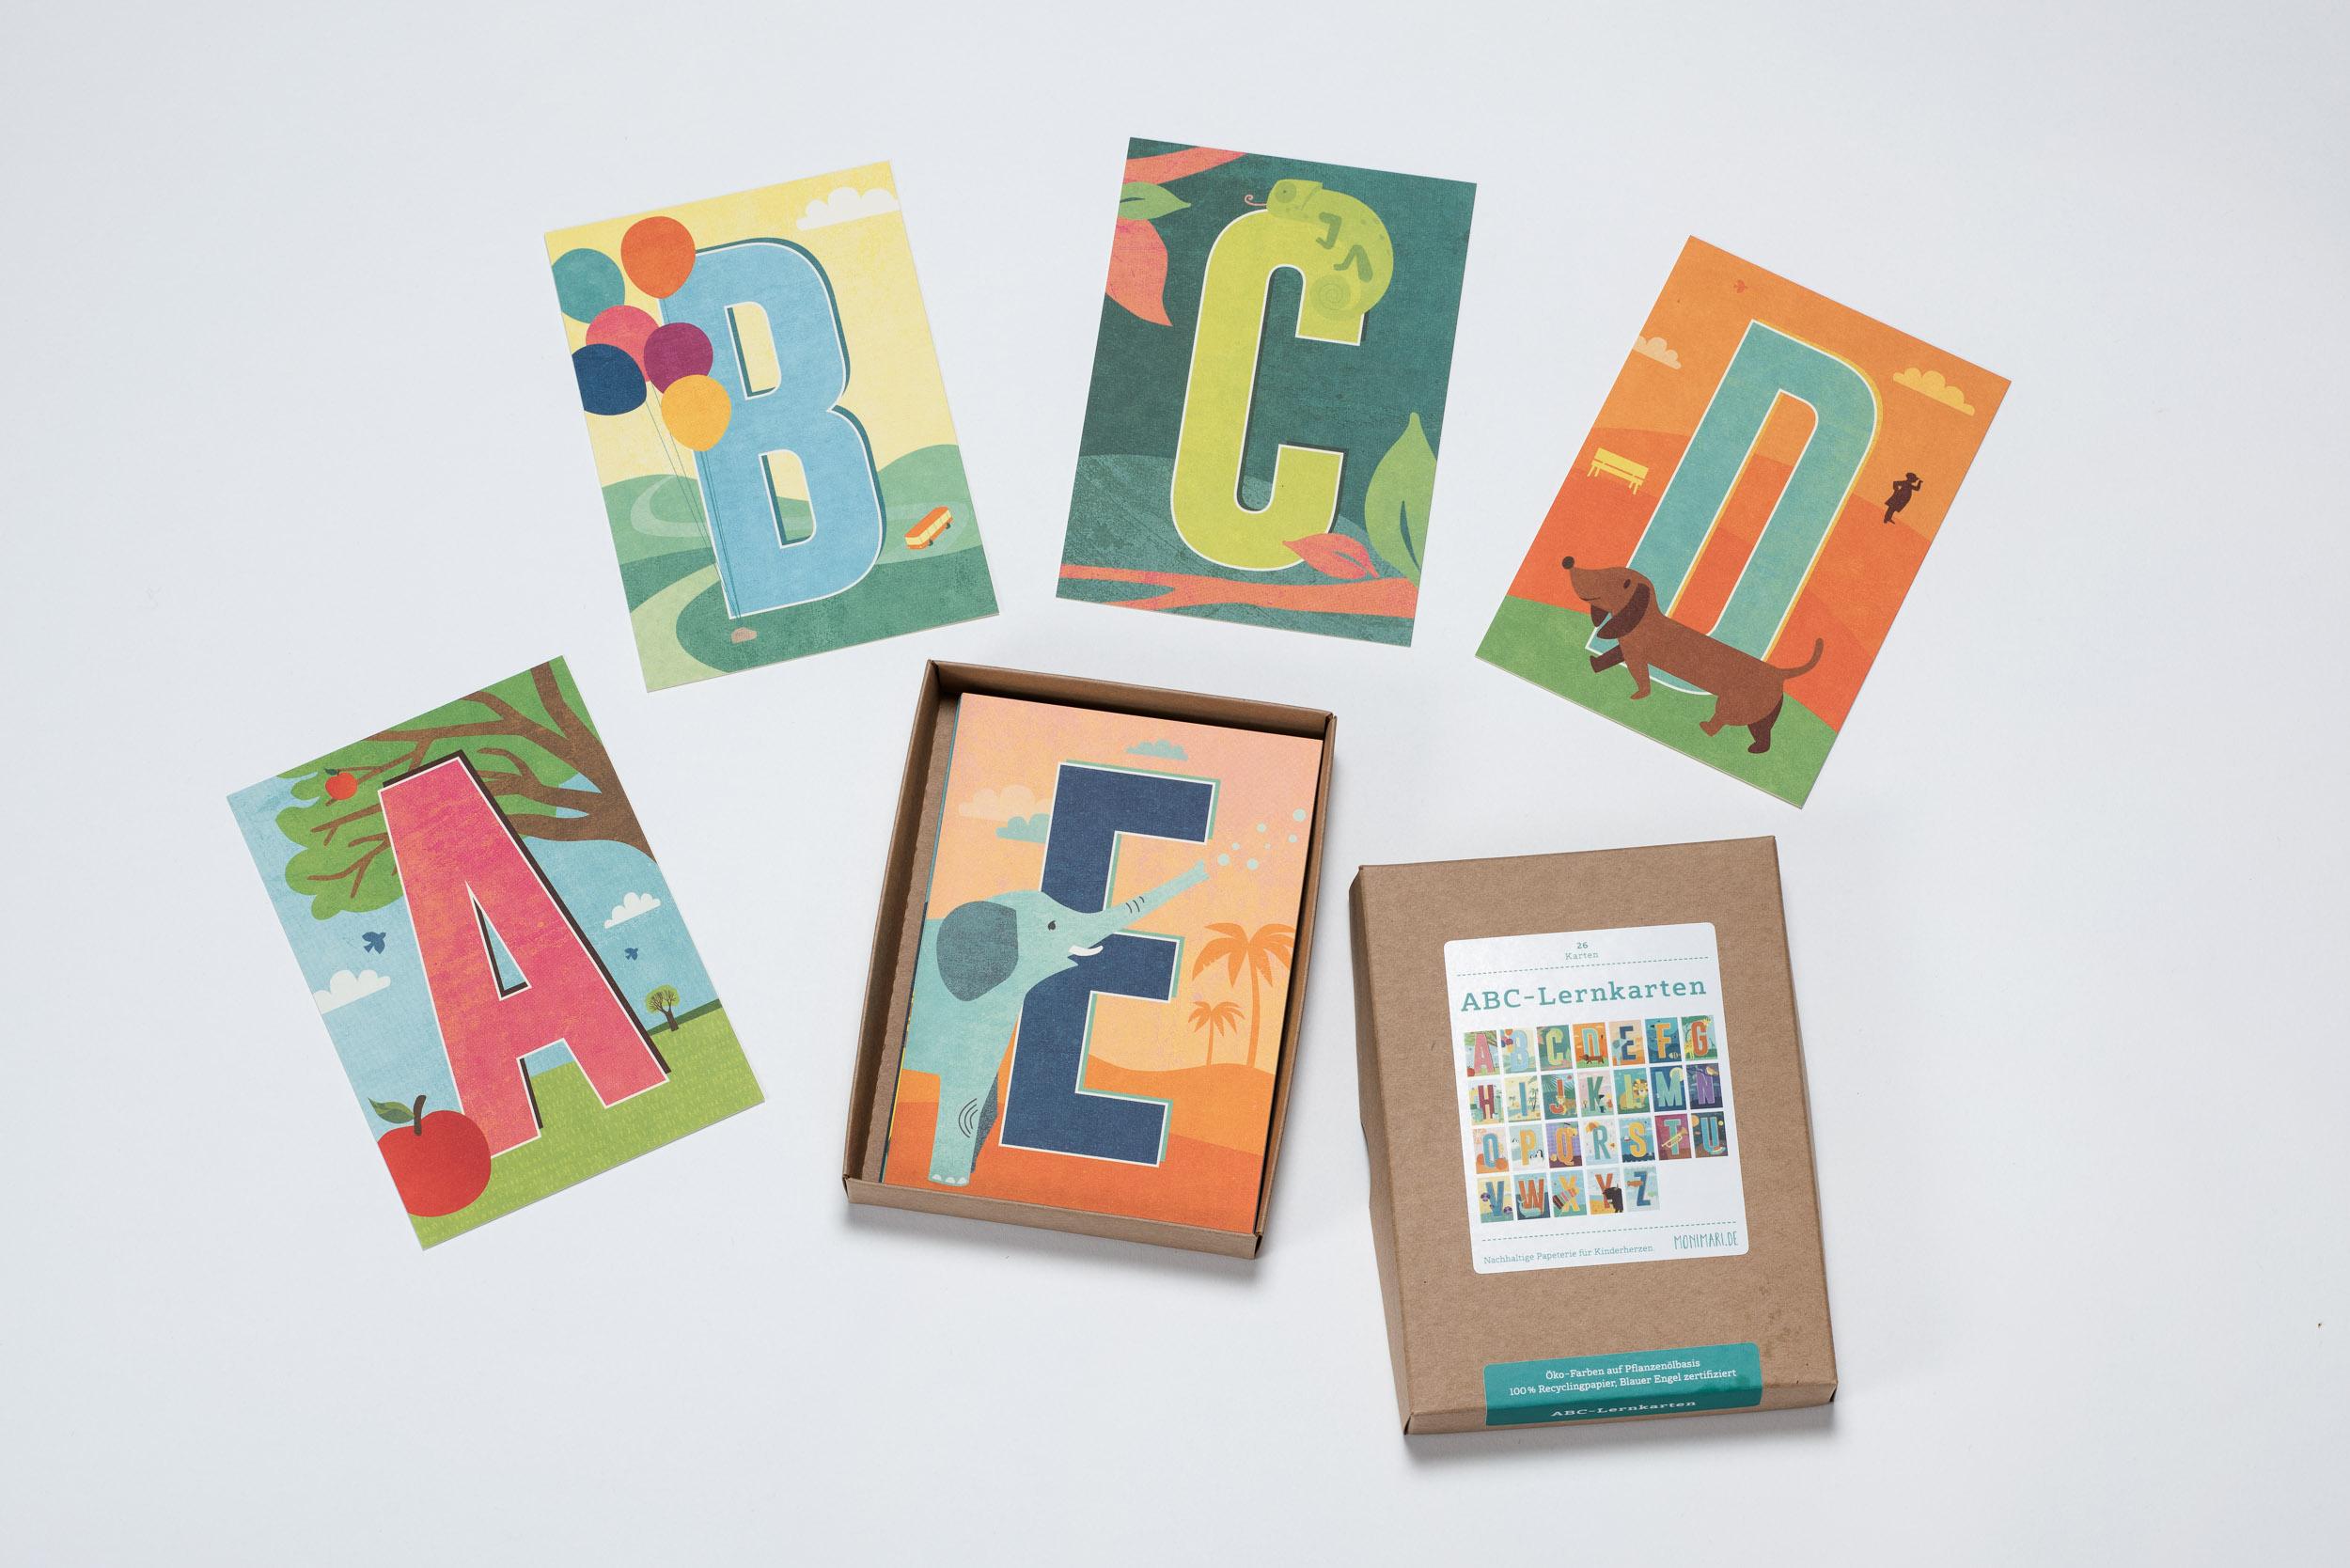 ABC-Lernkarten von Monimari